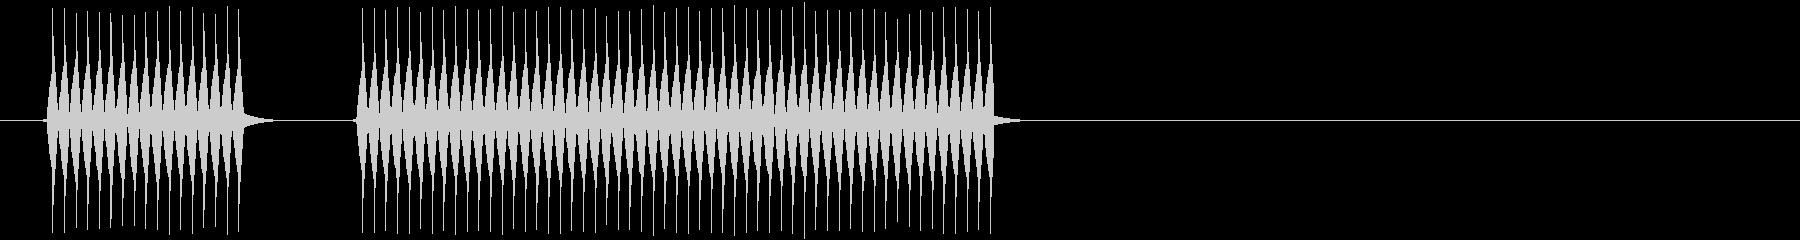 失敗したときや外れた時の音。高いヴァー…の未再生の波形